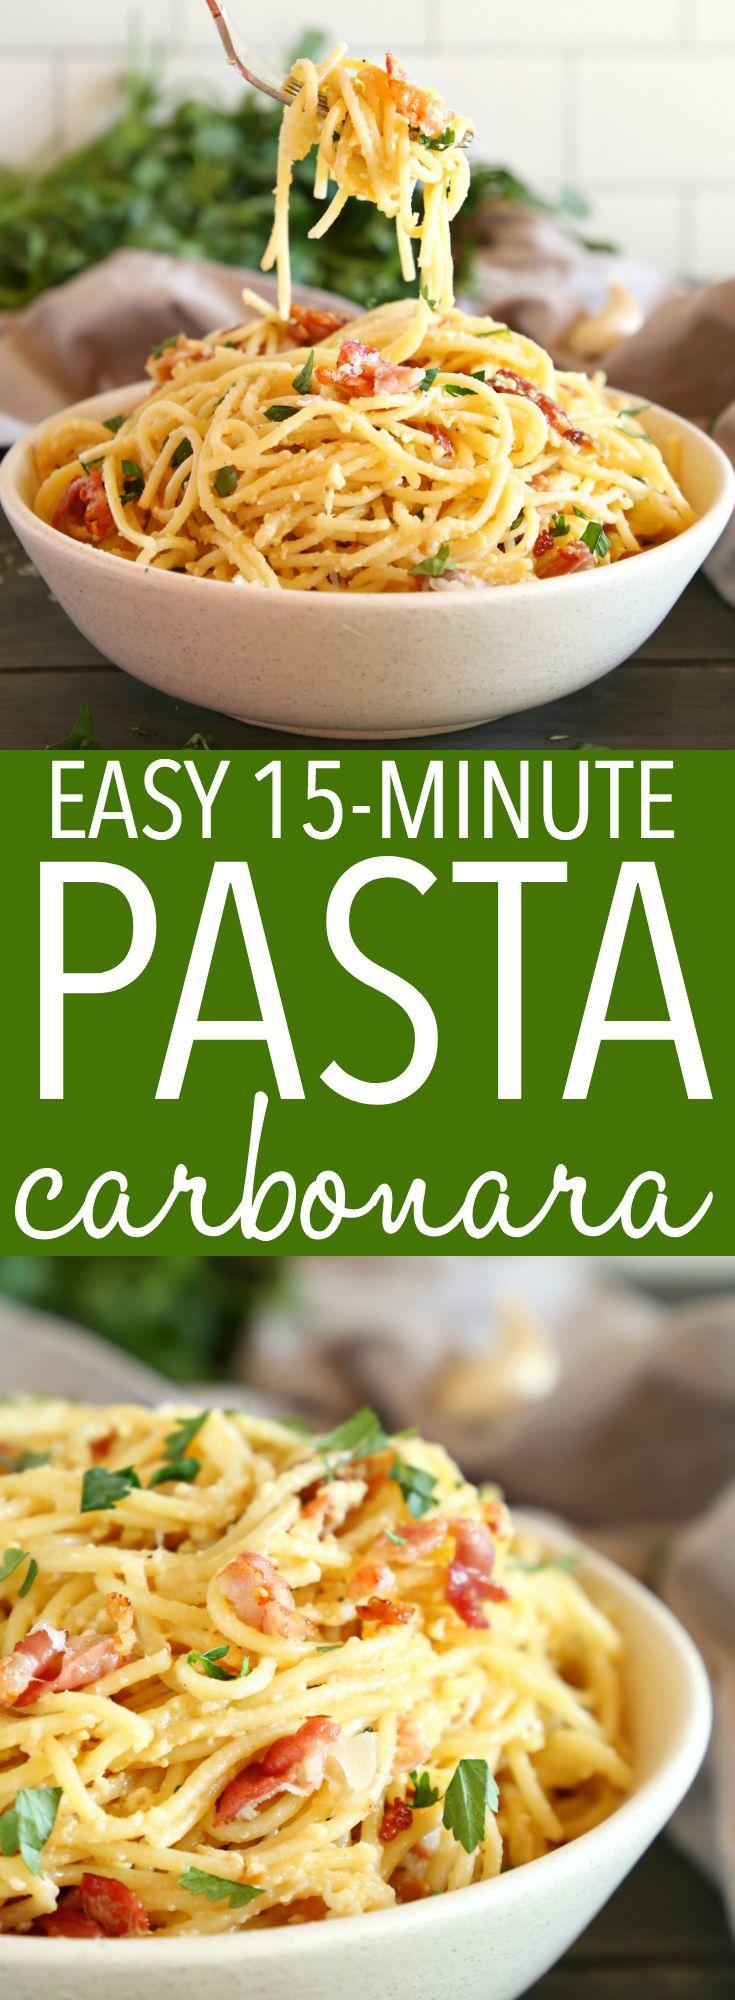 Easy 15-Minute Pasta Carbonara images